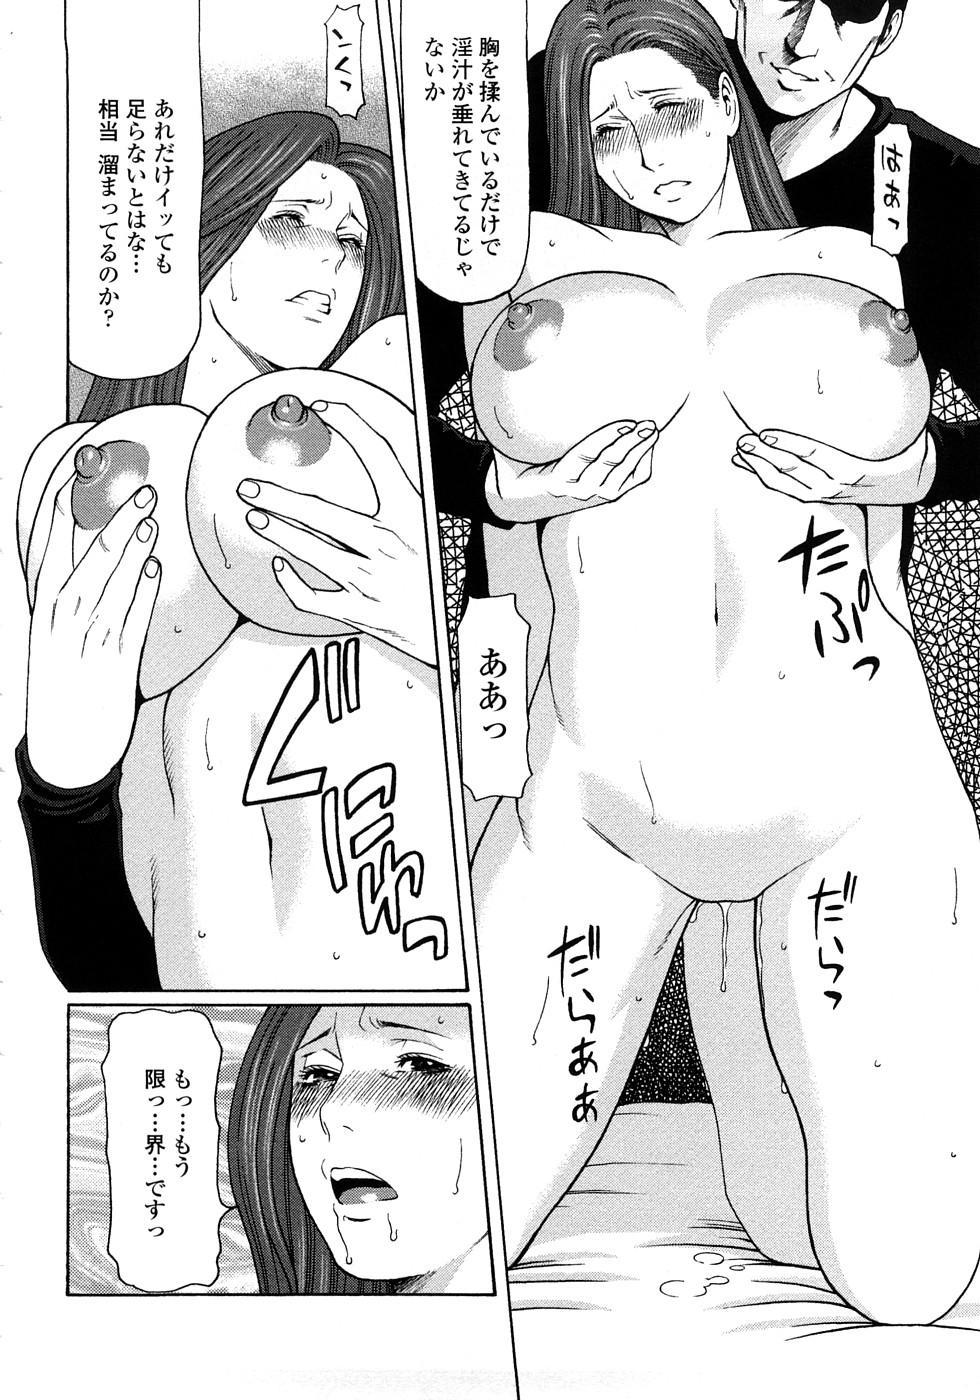 Etsuraku no Tobira - The Door of Sexual Pleasure 98